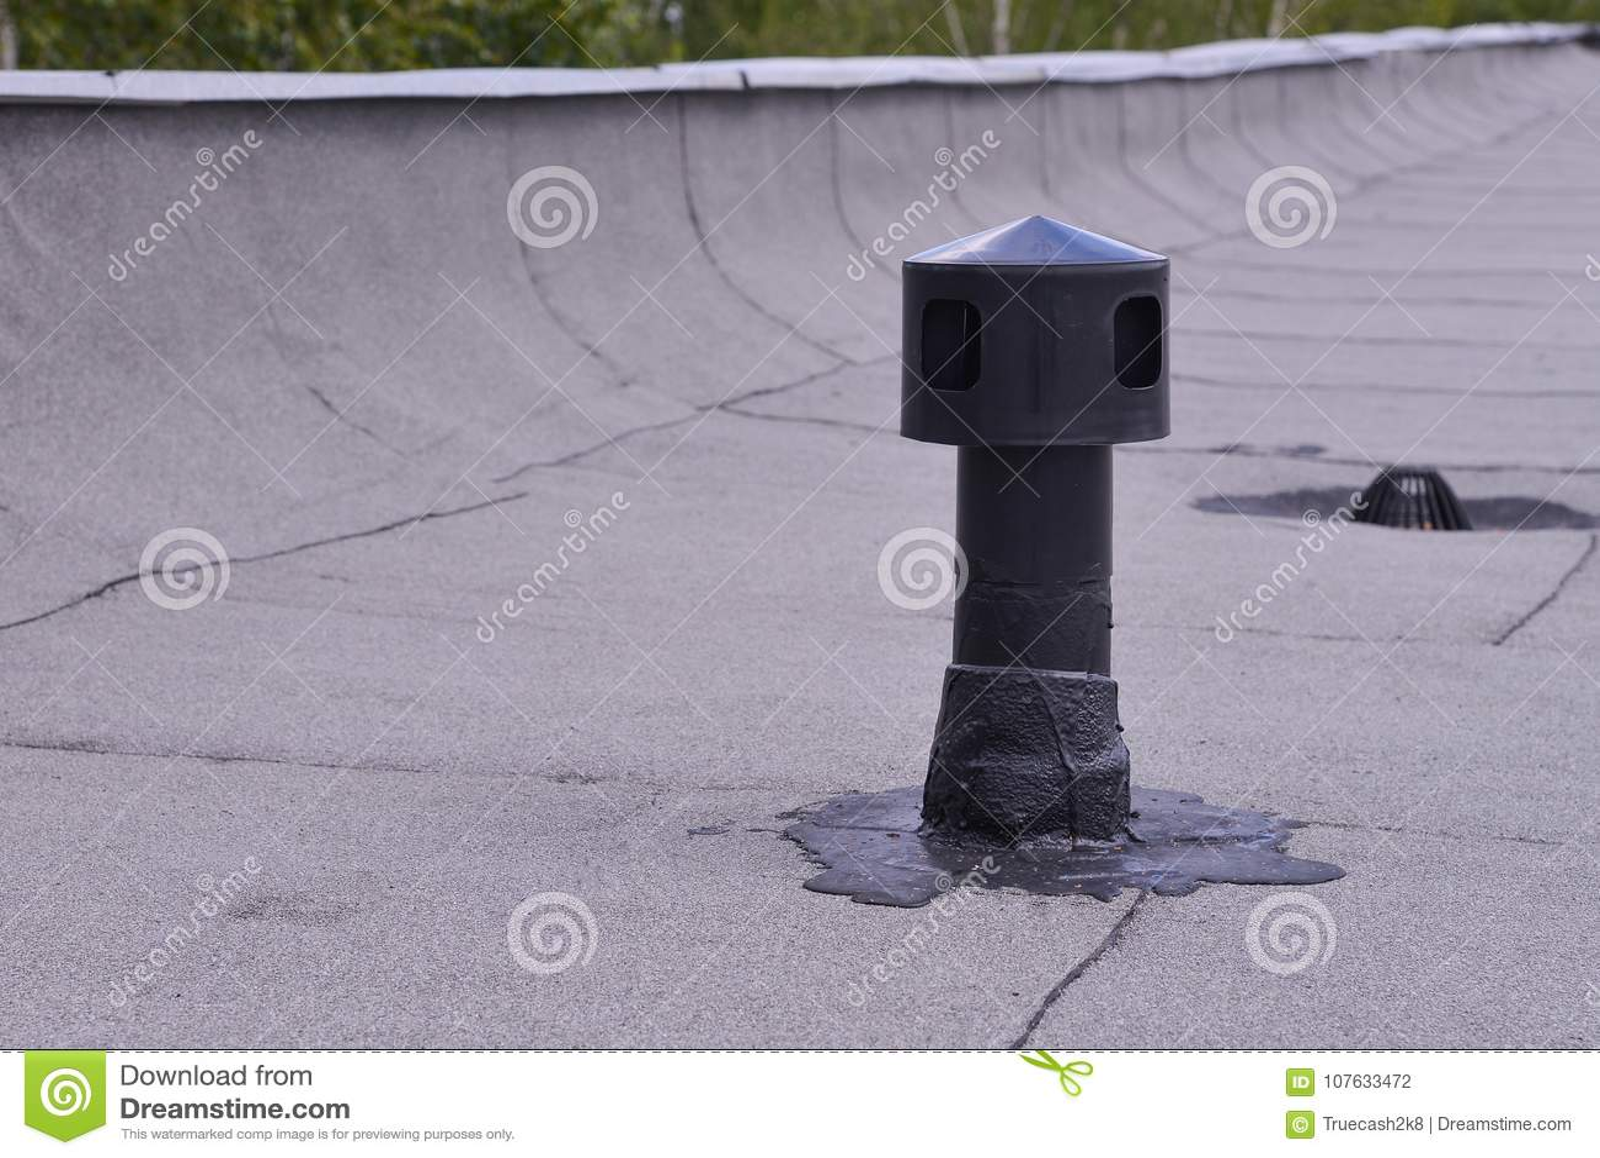 Ventilazione Del Tetto Piano Protezione D Impermeabilizzazione